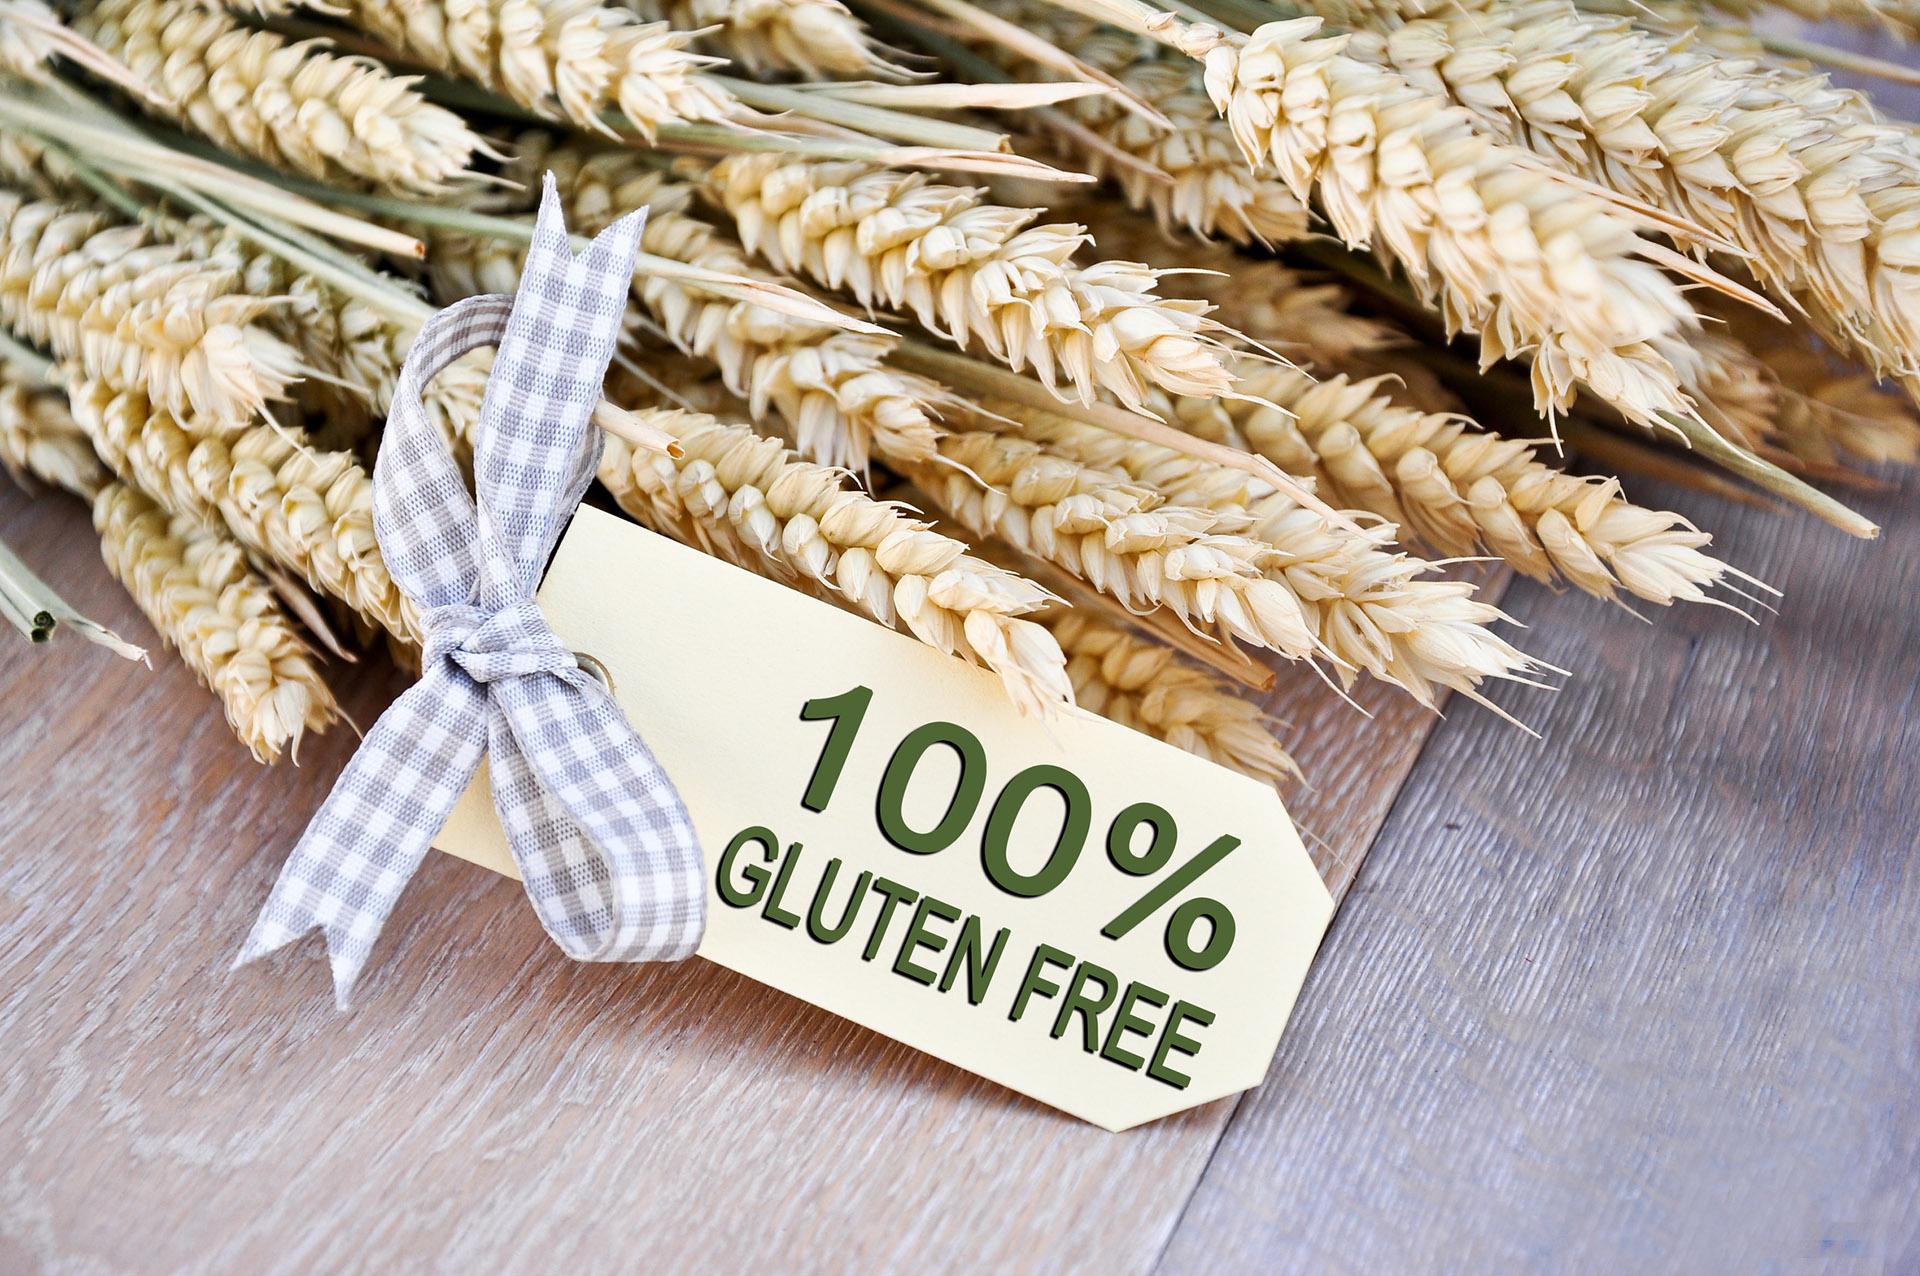 Niente diete 'gluten free' per chi è in buona salute